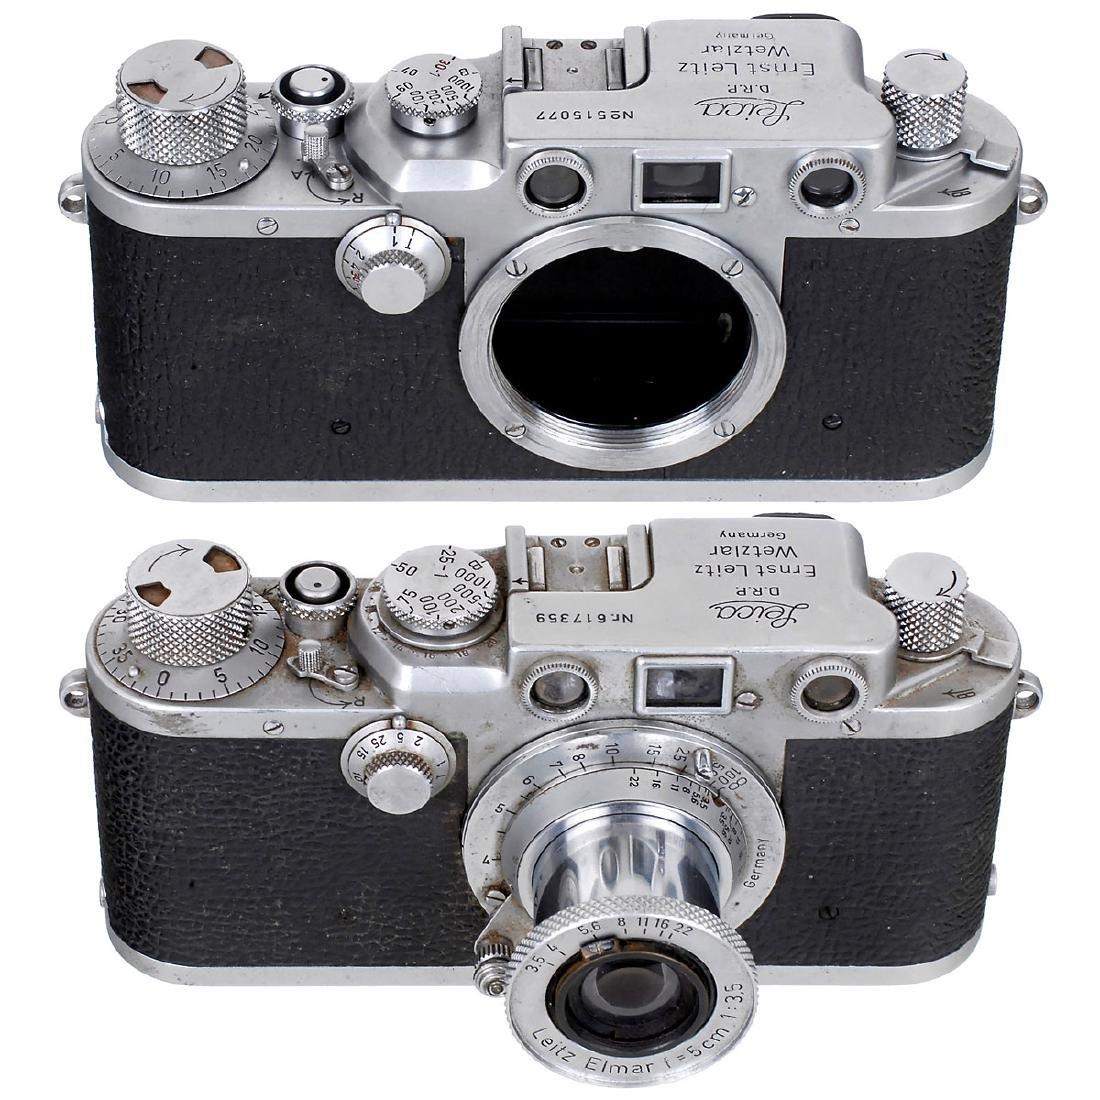 Leica IIIc and Leica IIIf